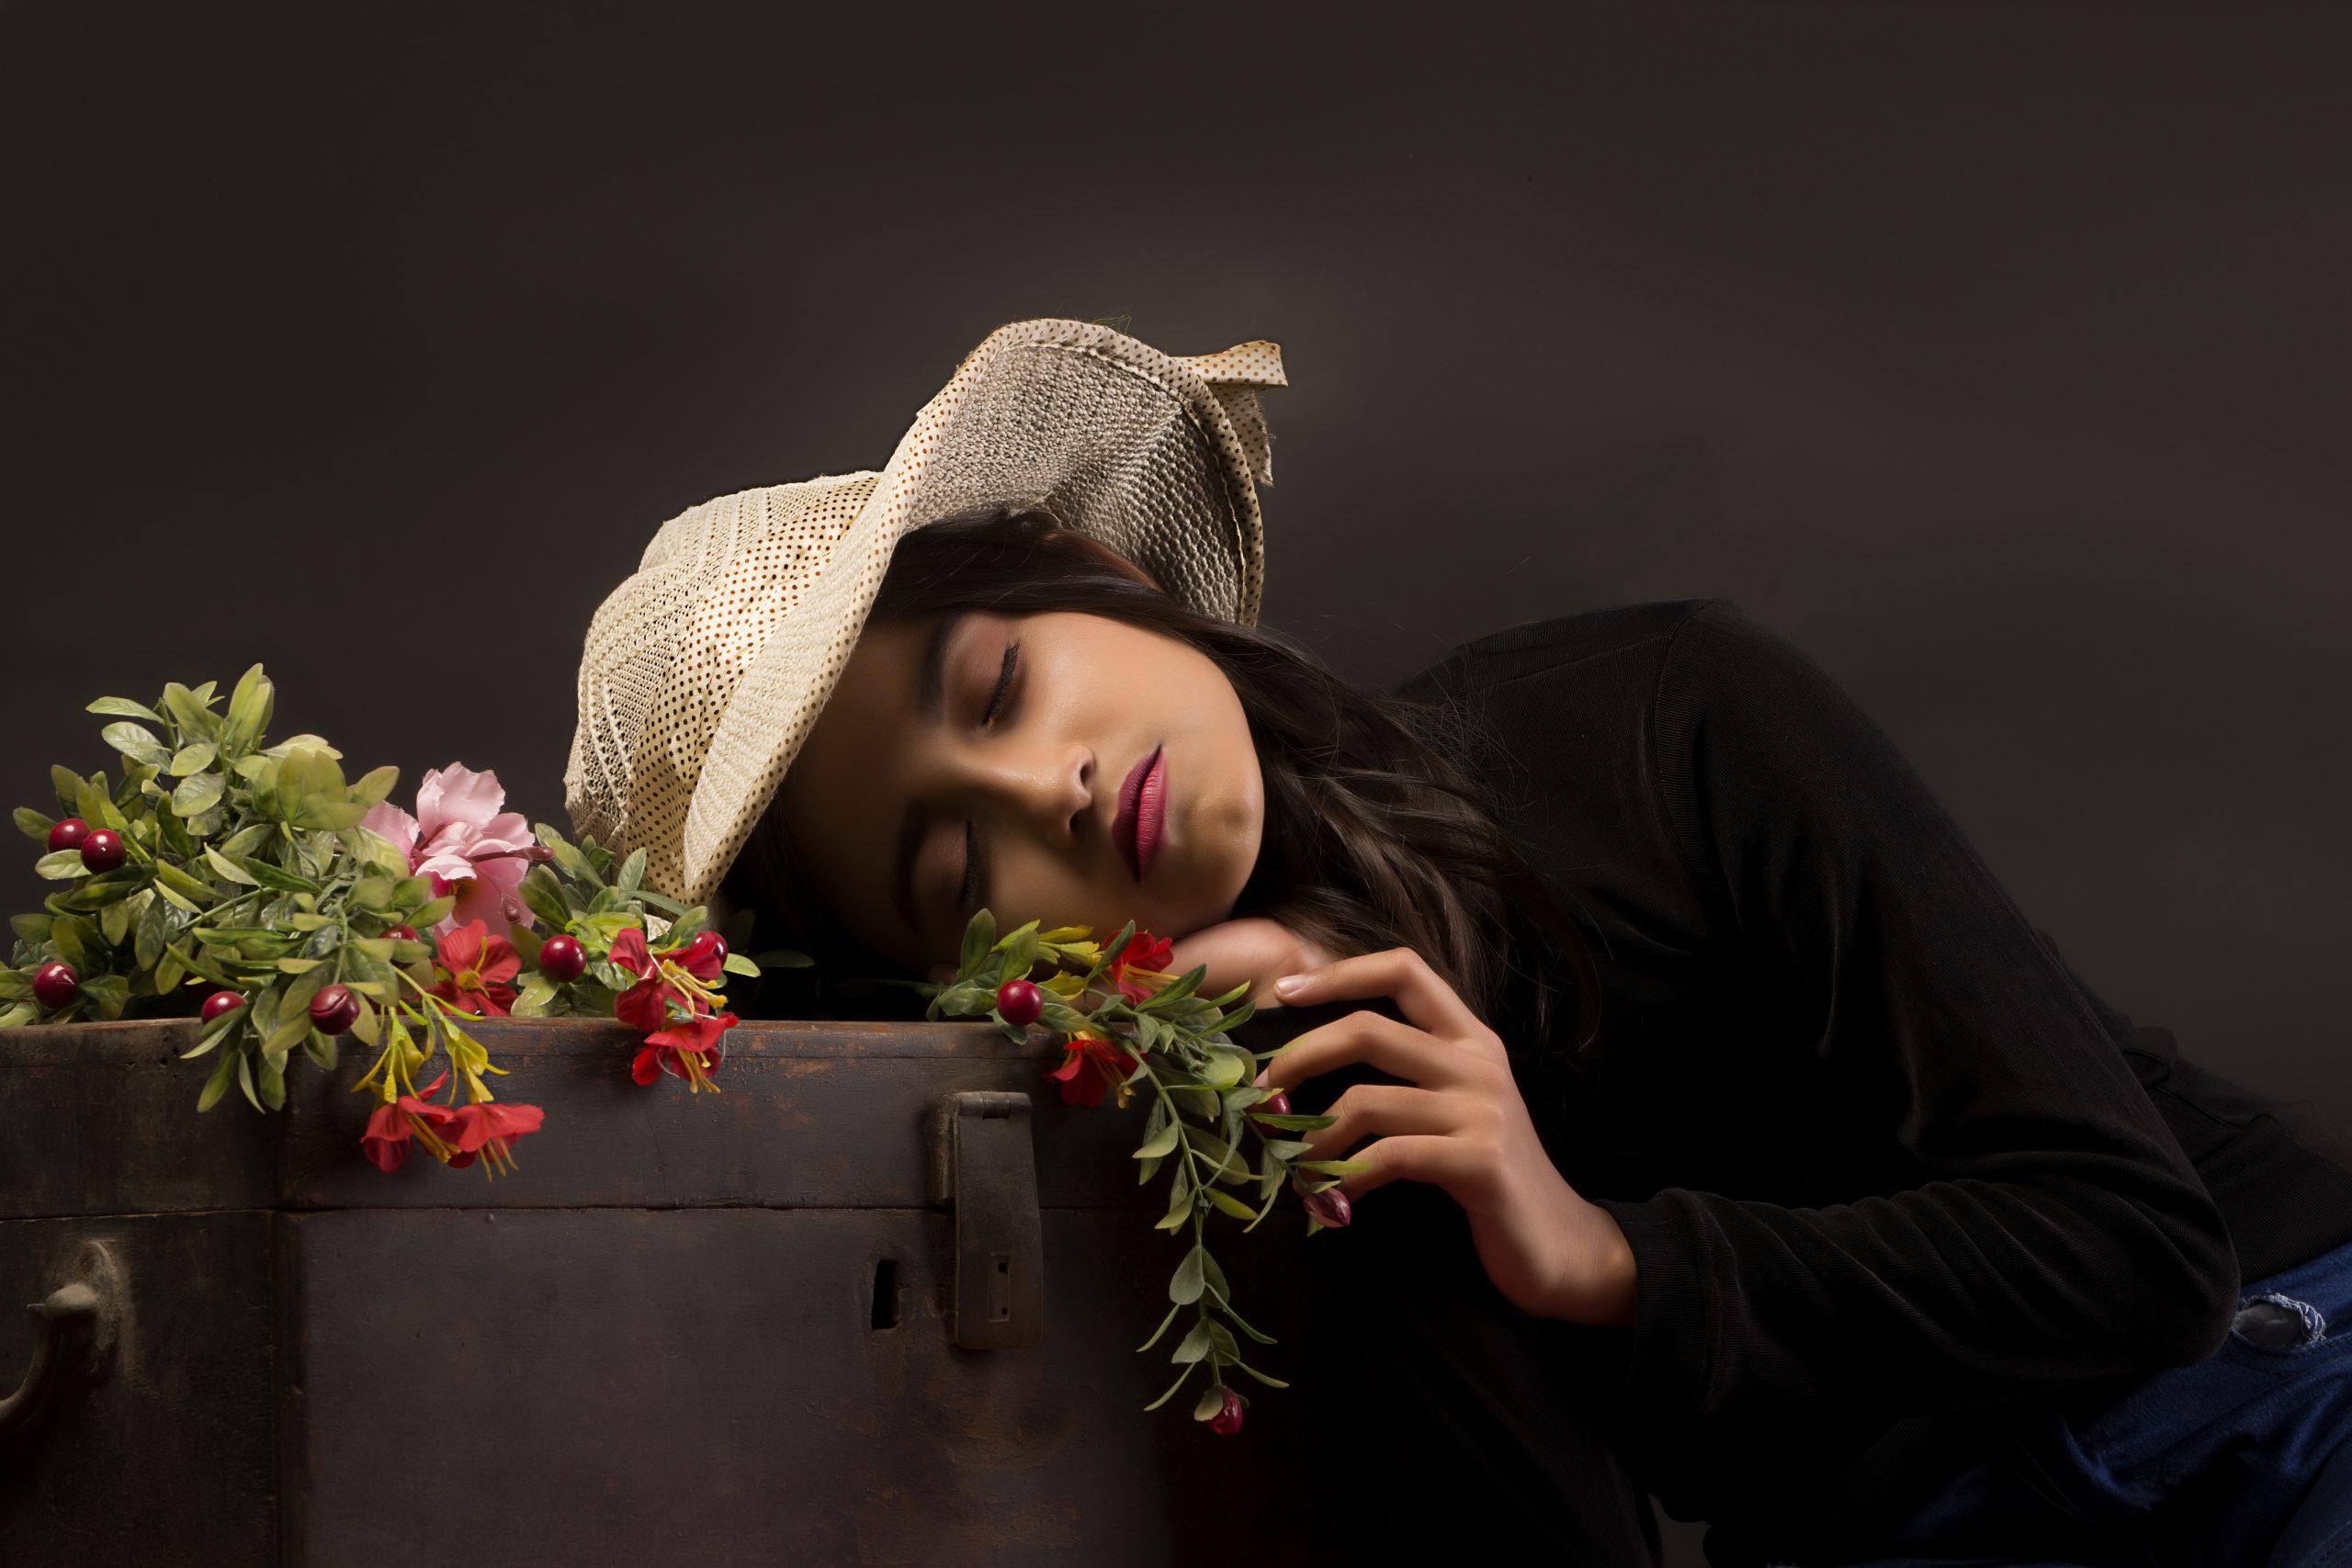 A little girl sleeping